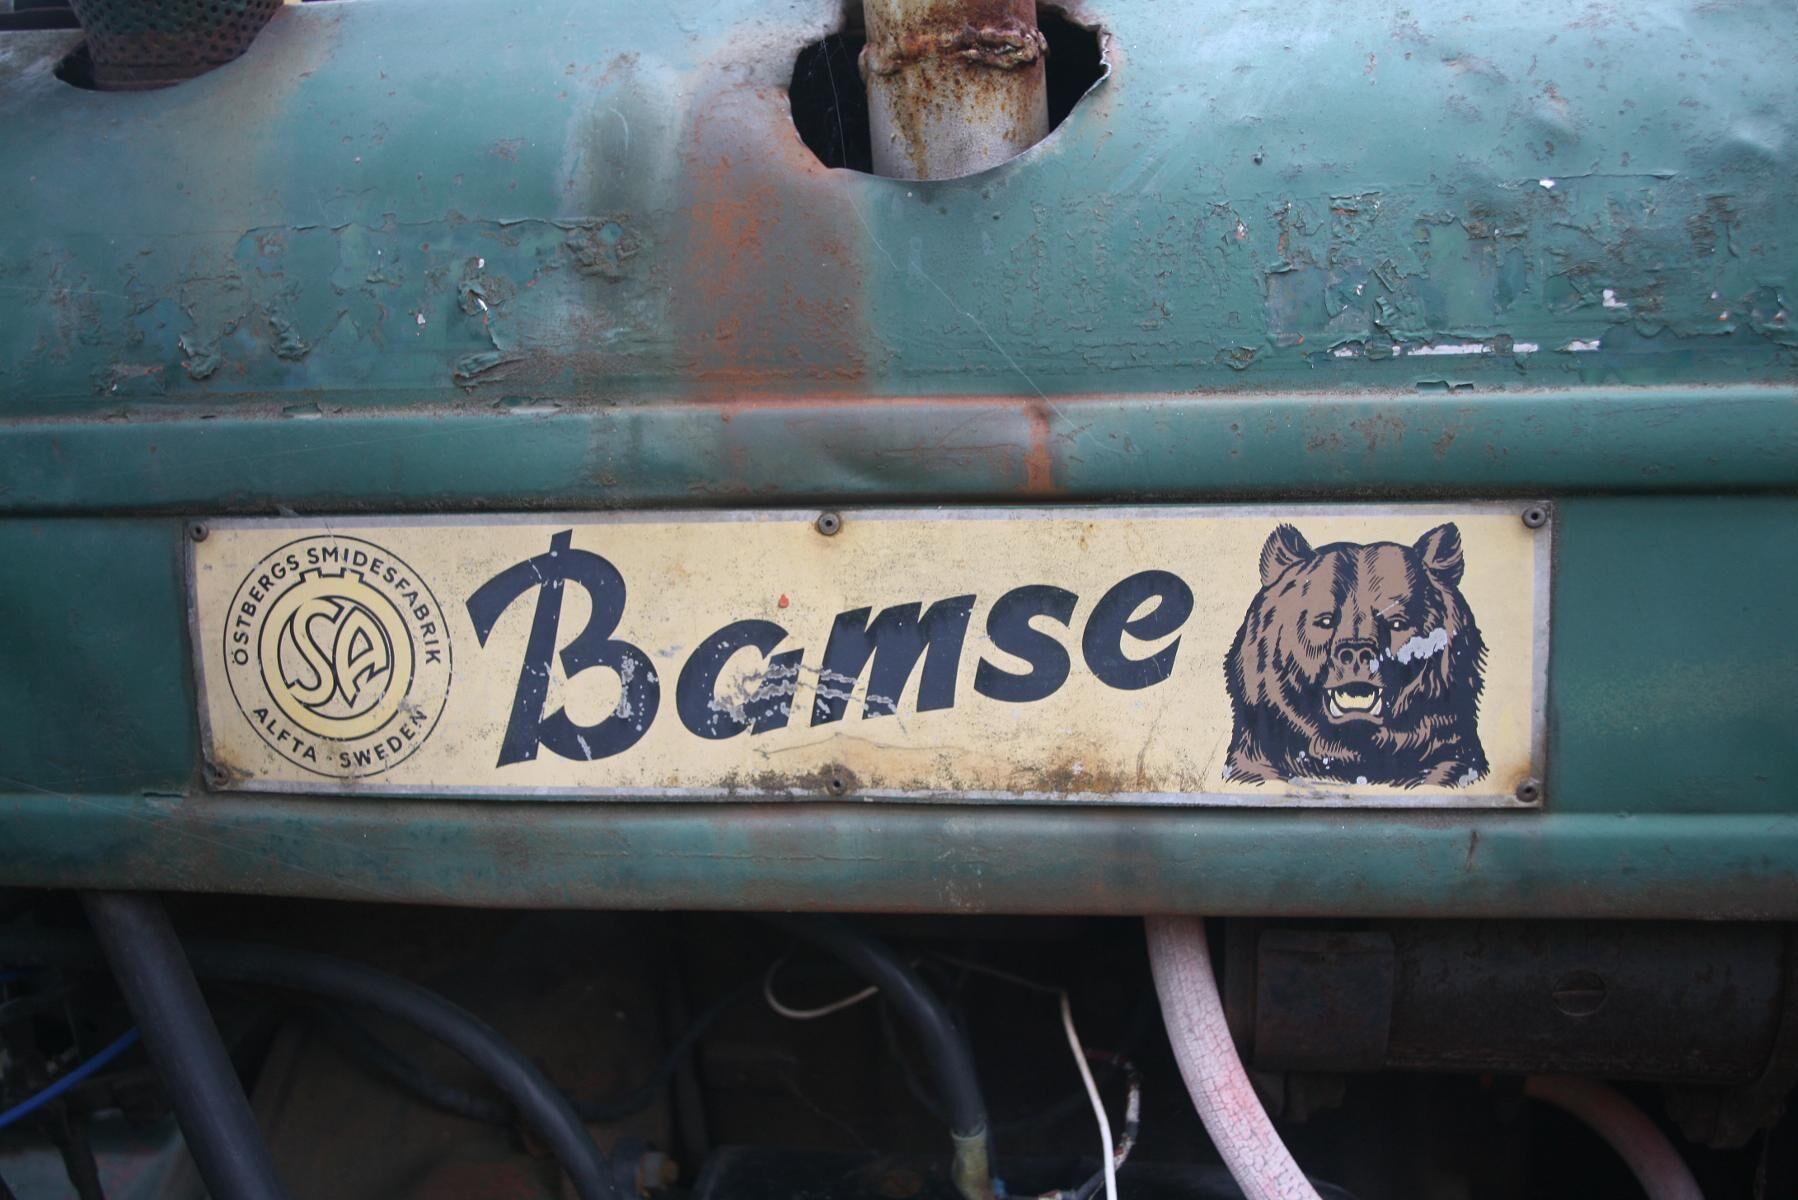 Bamse blir en succé i skogen men det som irriterar förarna är läckande tätningar i styrkopplingarna och sprickor i bakaxeln. Problemen åtgärdas i nya Bamse 1960.